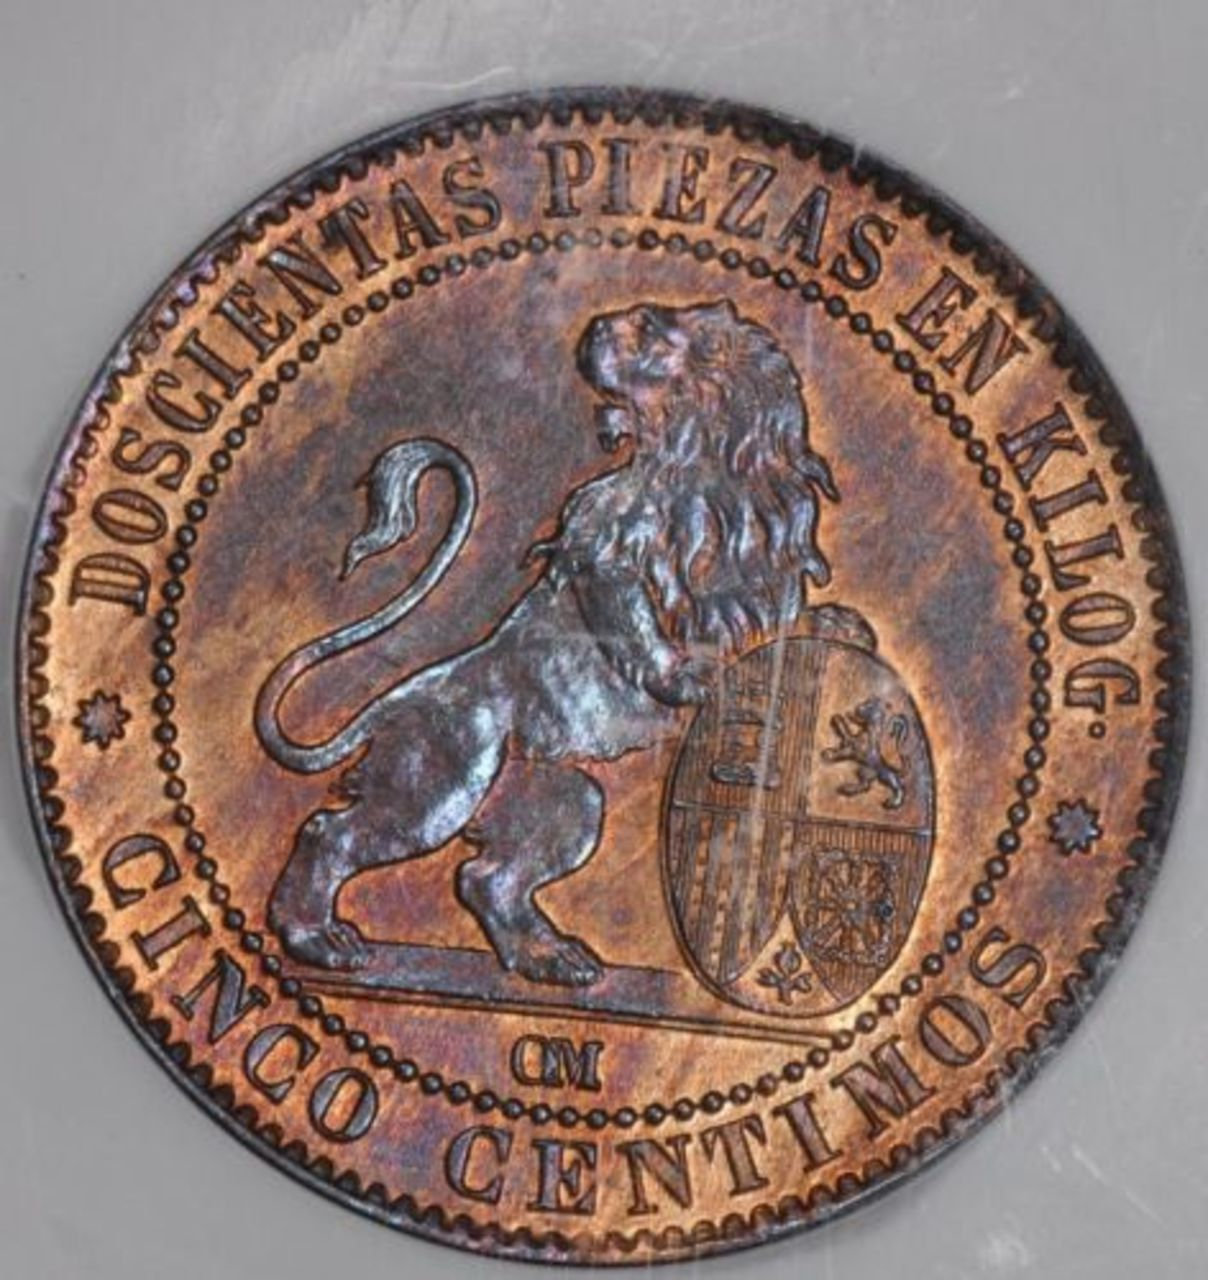 5 céntimos 1870 NGC MS 64 RB - Página 2 Spain_5_Centimo_1870_M_NGC_MS64_RB_Ex_Heritage